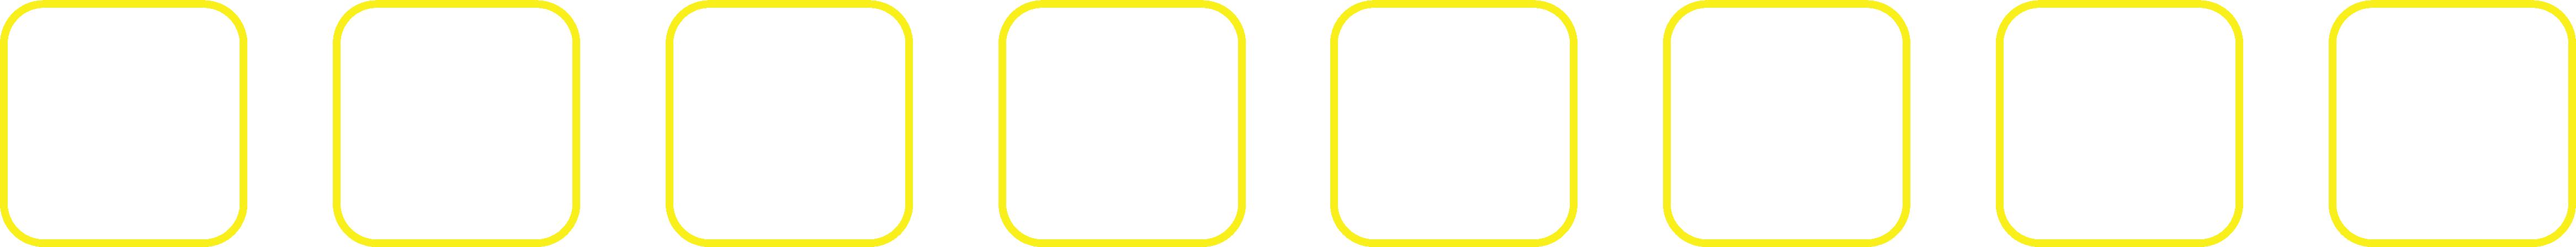 Zasób 8